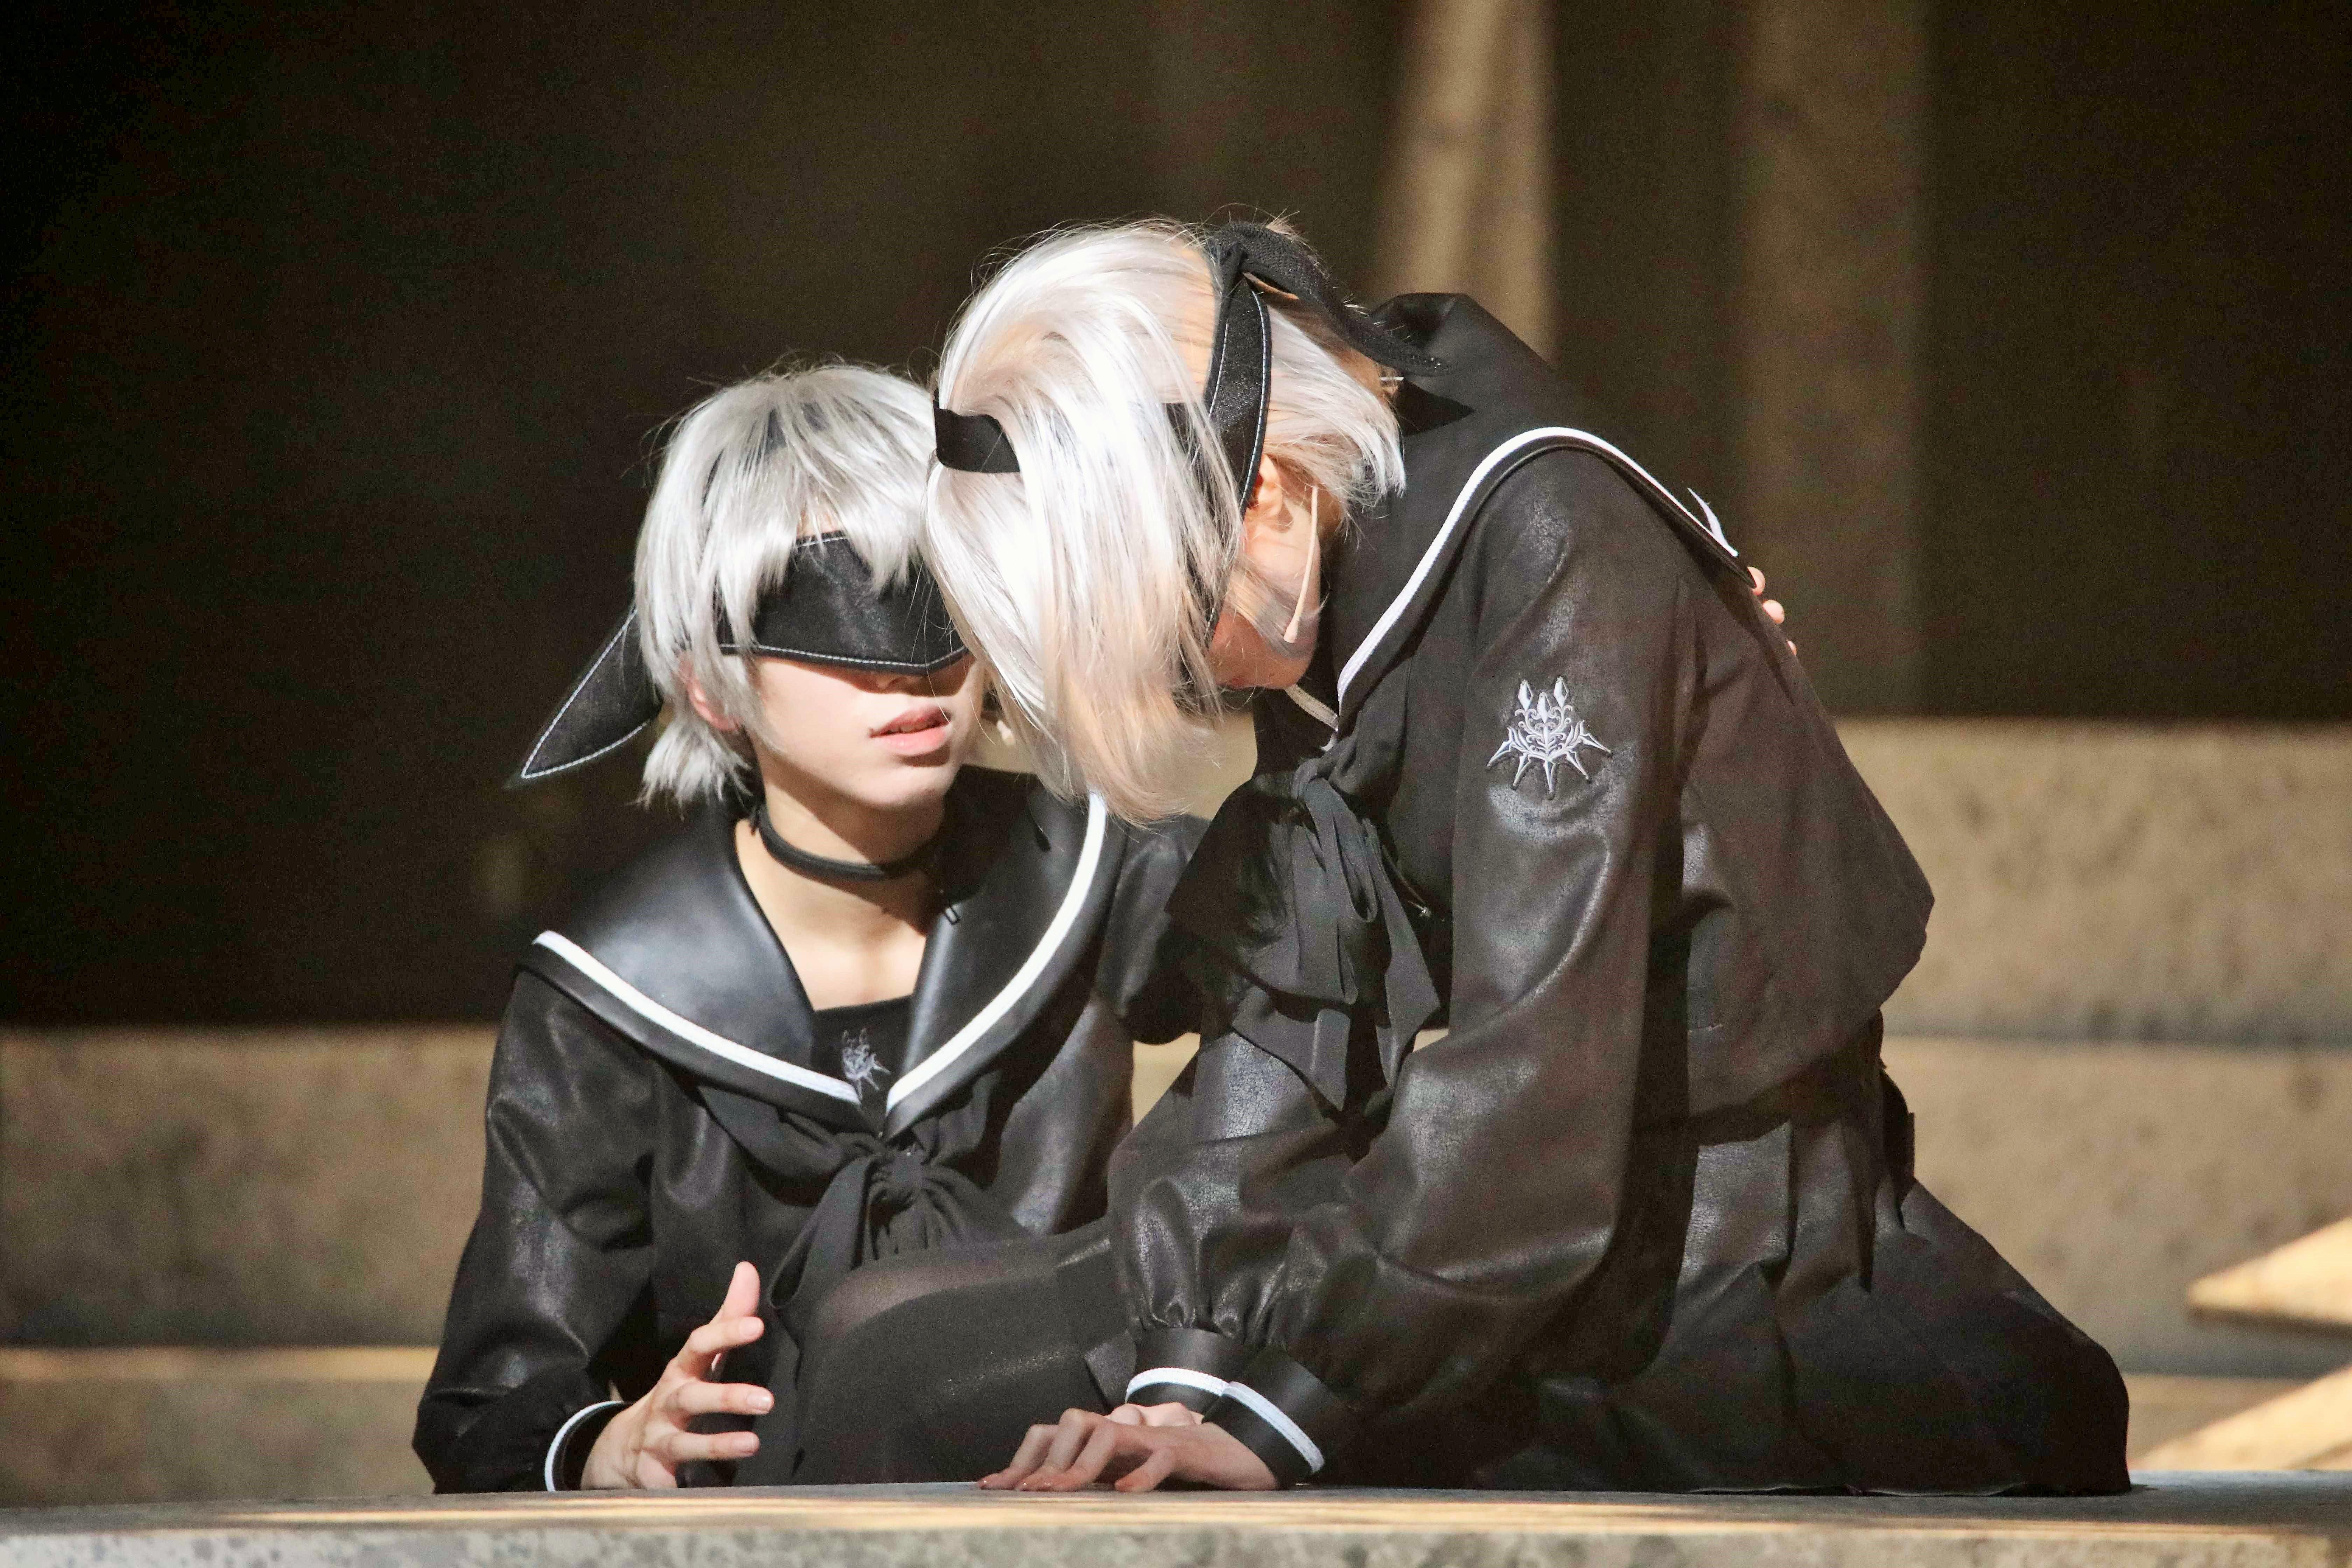 『舞台 少⼥ヨルハVer1.1a』九号を演じる大西桃香(左)